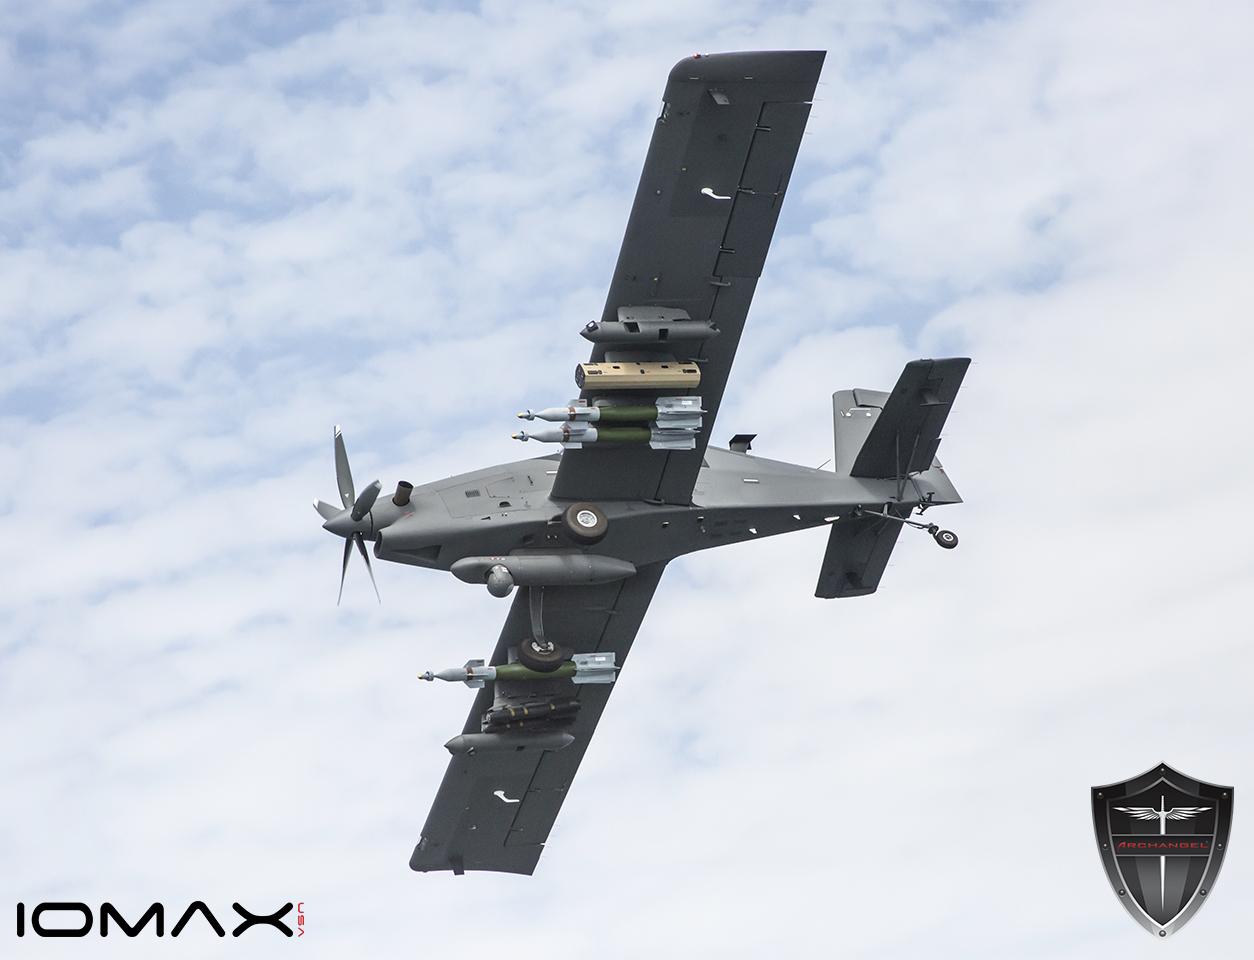 شركة IOMAX  تسرع لإتمام صفقة بيع 10 طائرات Archangel لمصر Press_Photo_005